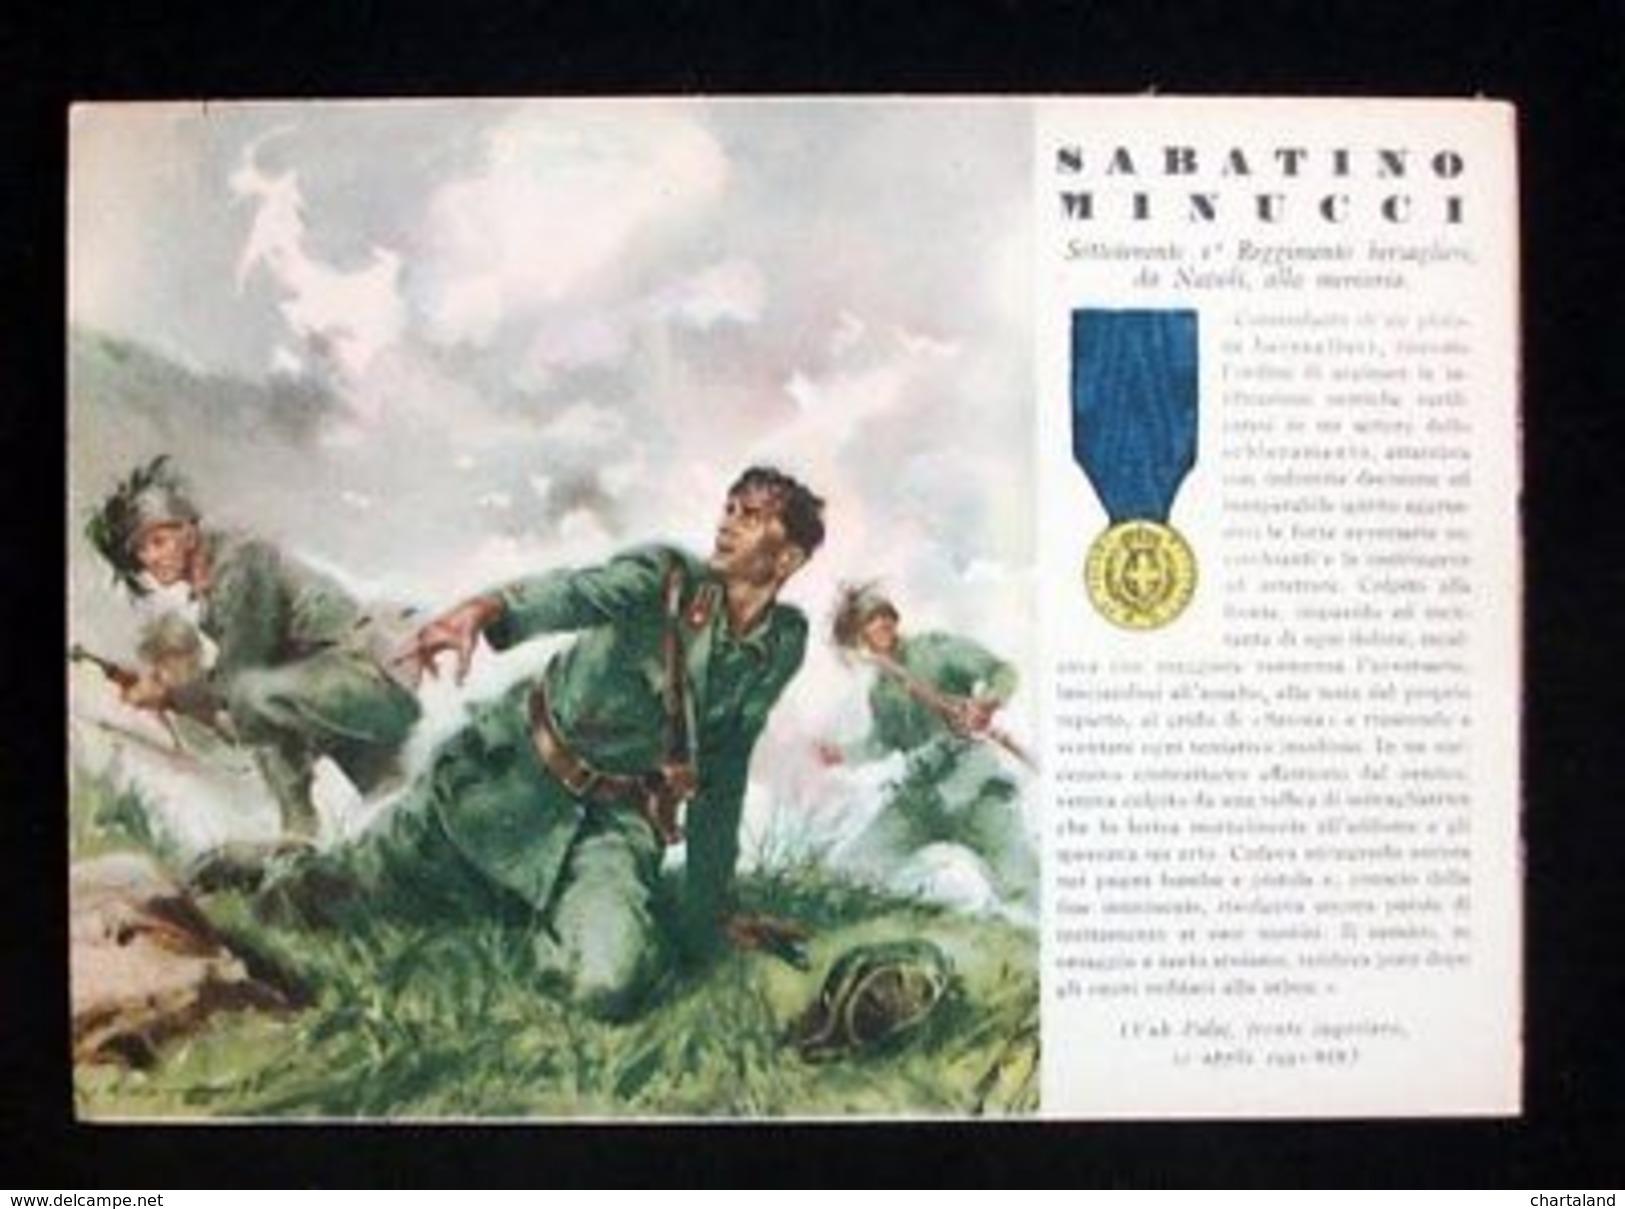 WWII Cartolina - Medaglie D' Oro Guerra 1941 - Minucci - Militari